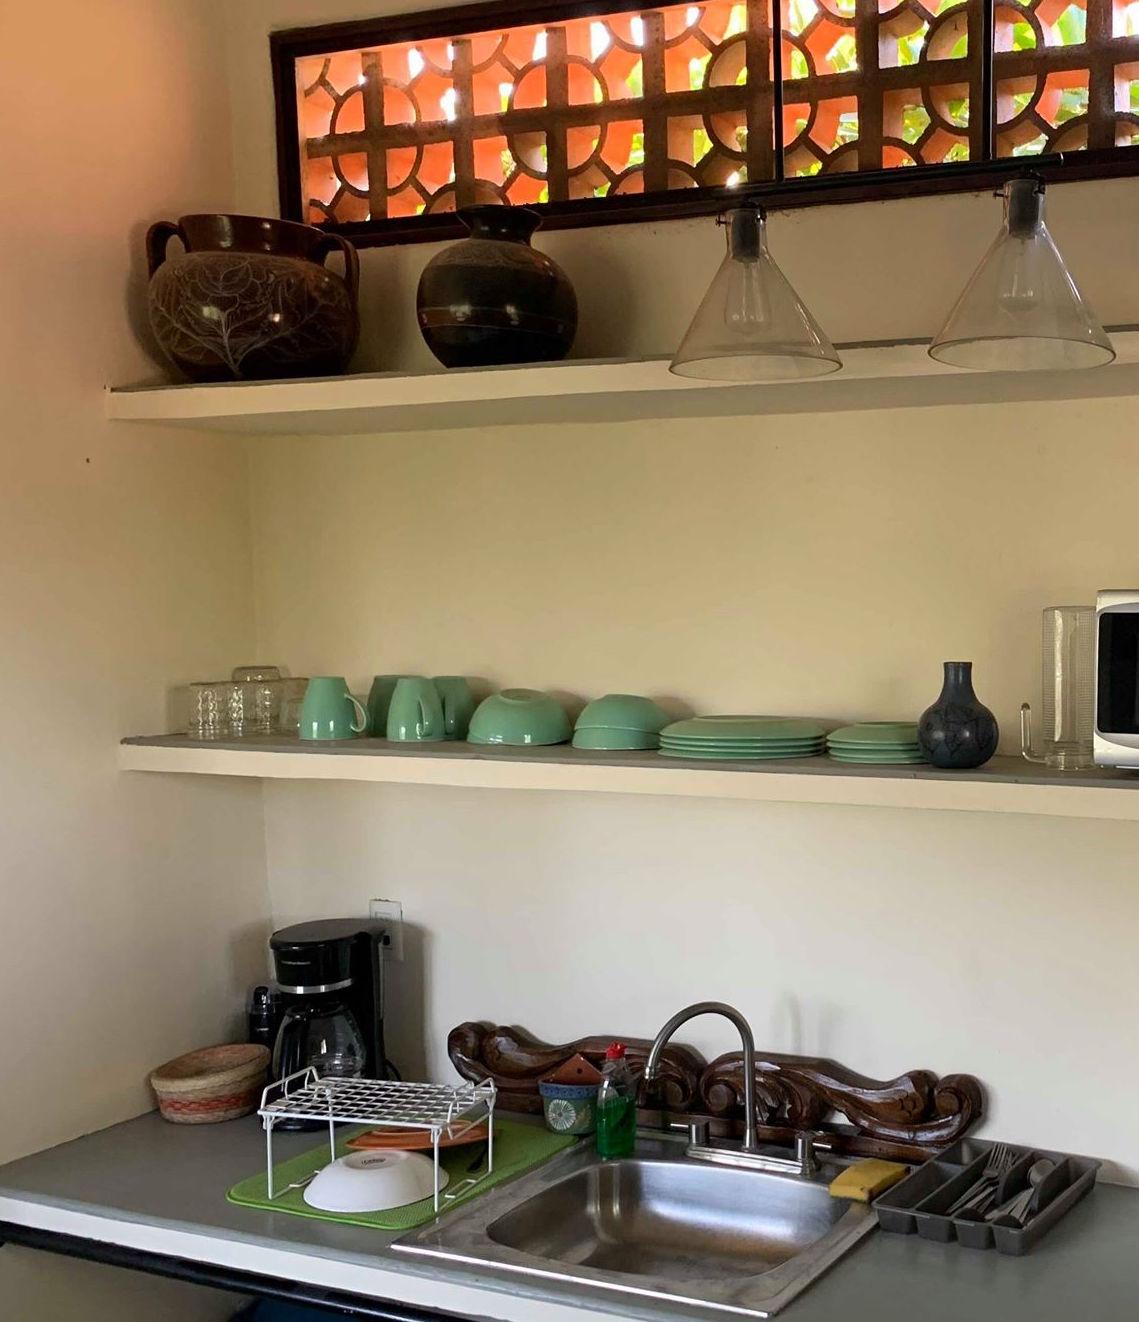 cca nido kitchen.jpg